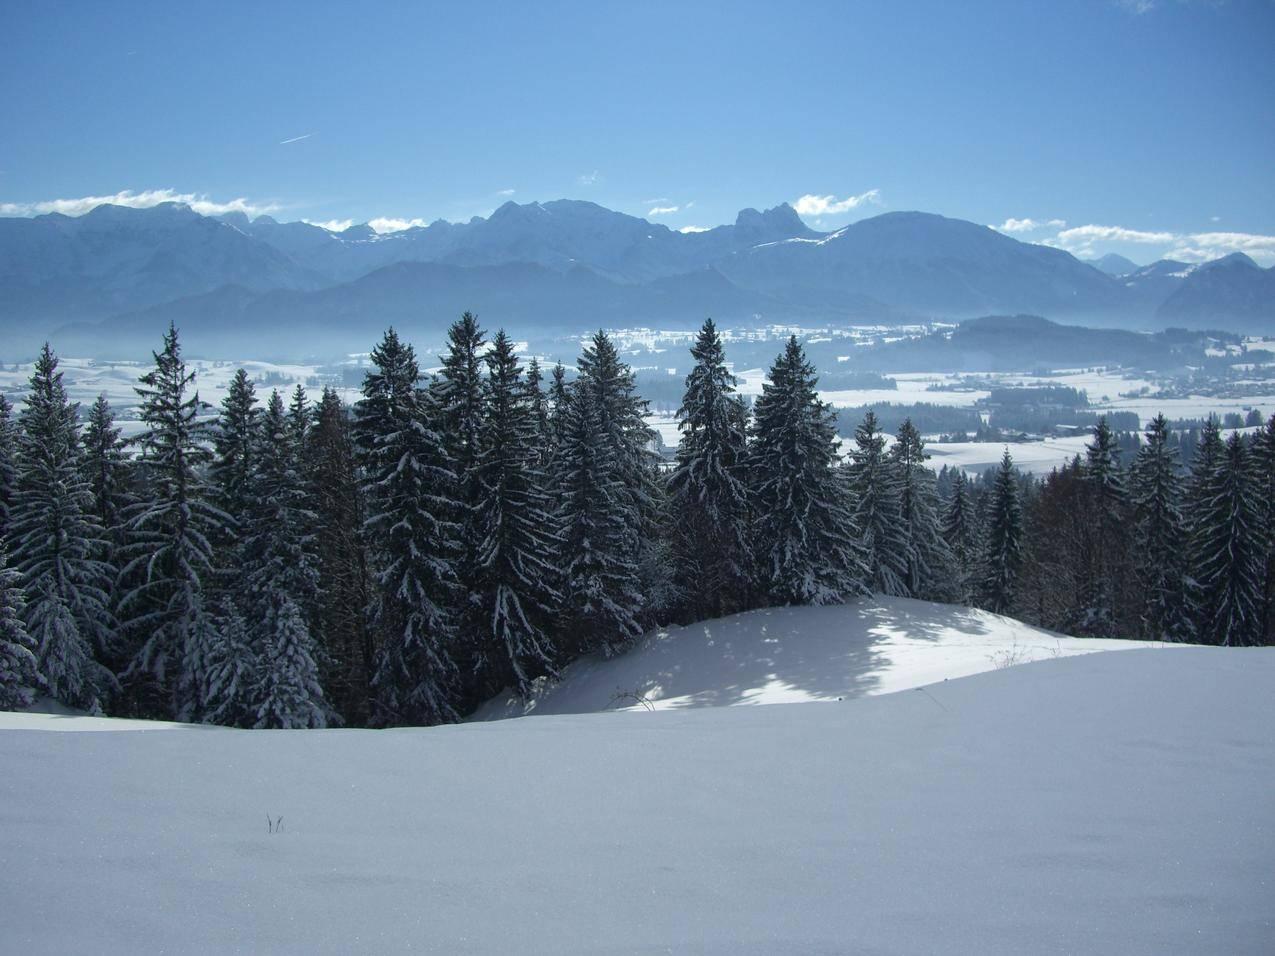 阿尔卑斯山的针叶林与山峦